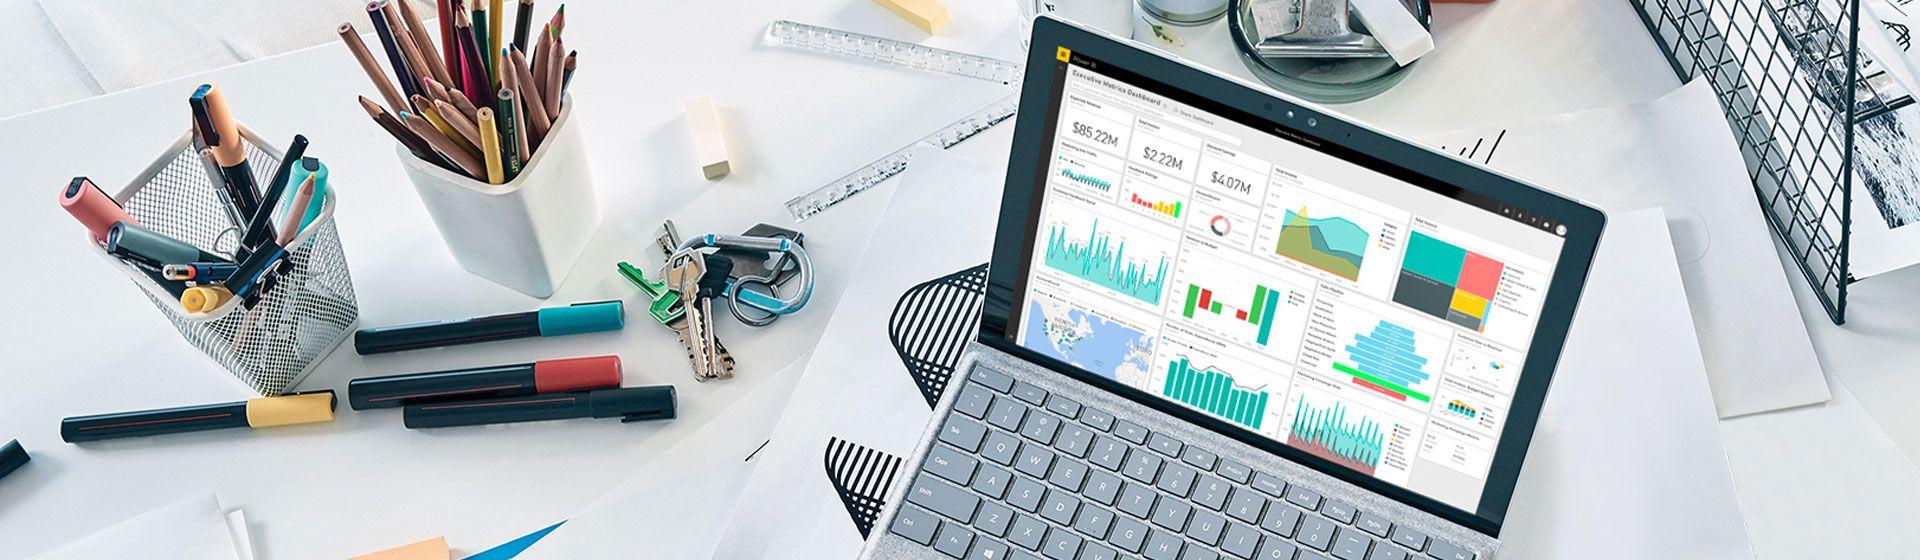 पावर B I दिखा रहे डेस्कटॉप मॉनीटर के साथ खाली डेस्क